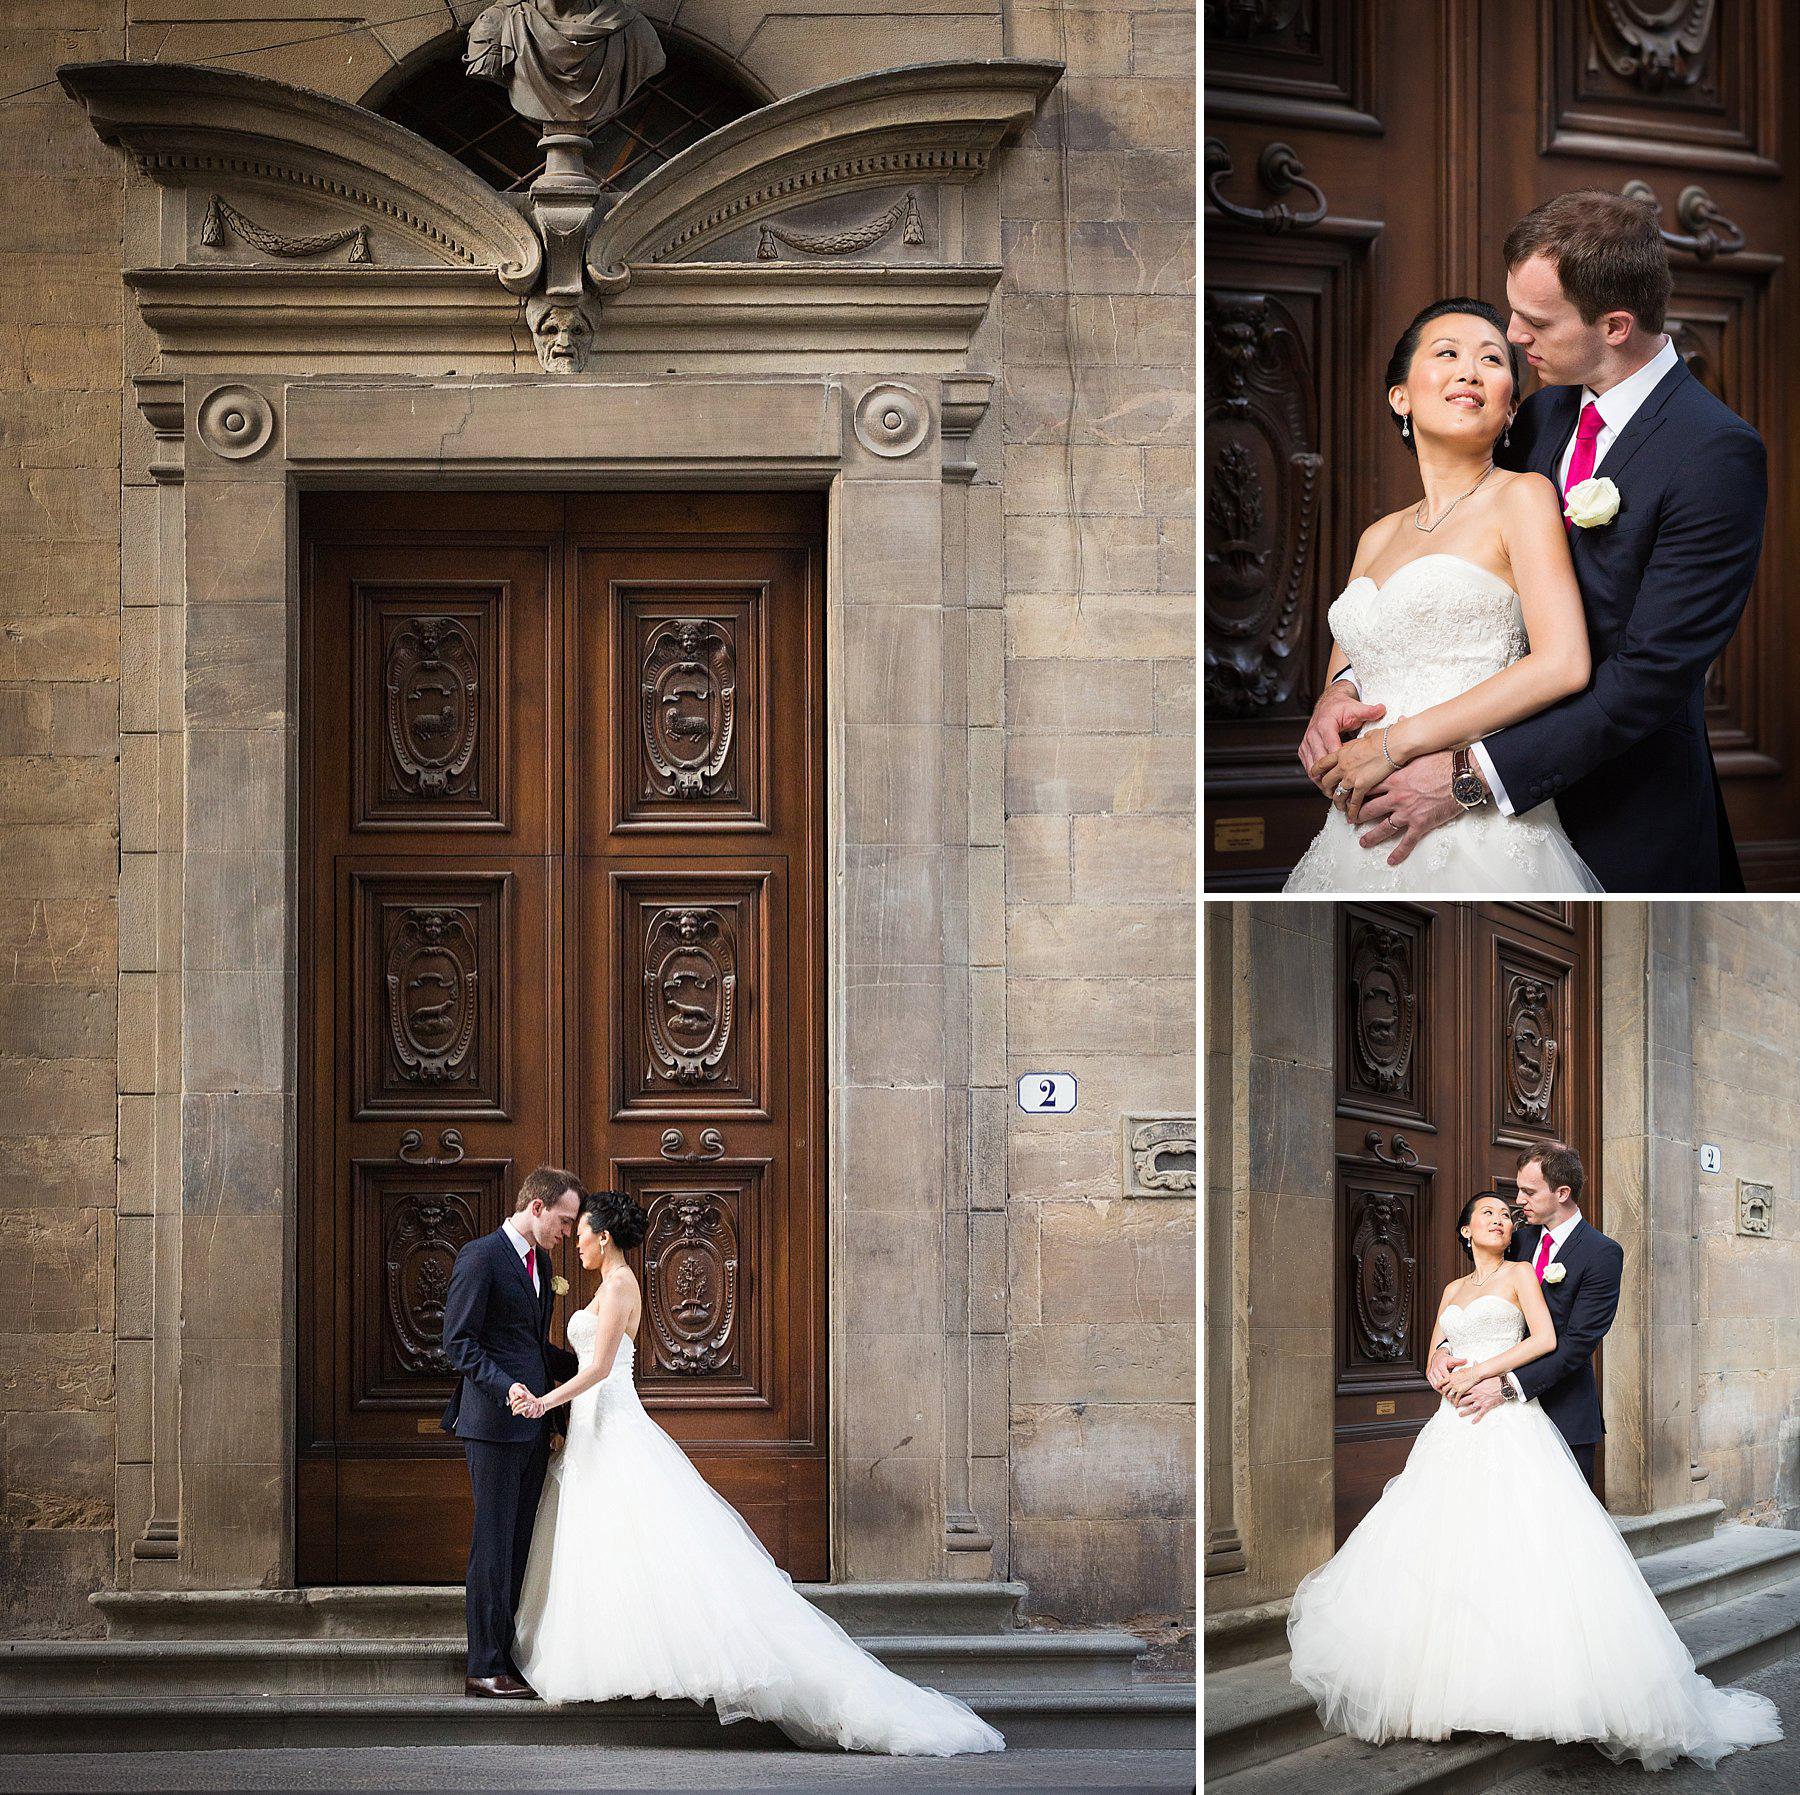 WeddingLauraAntoine-080